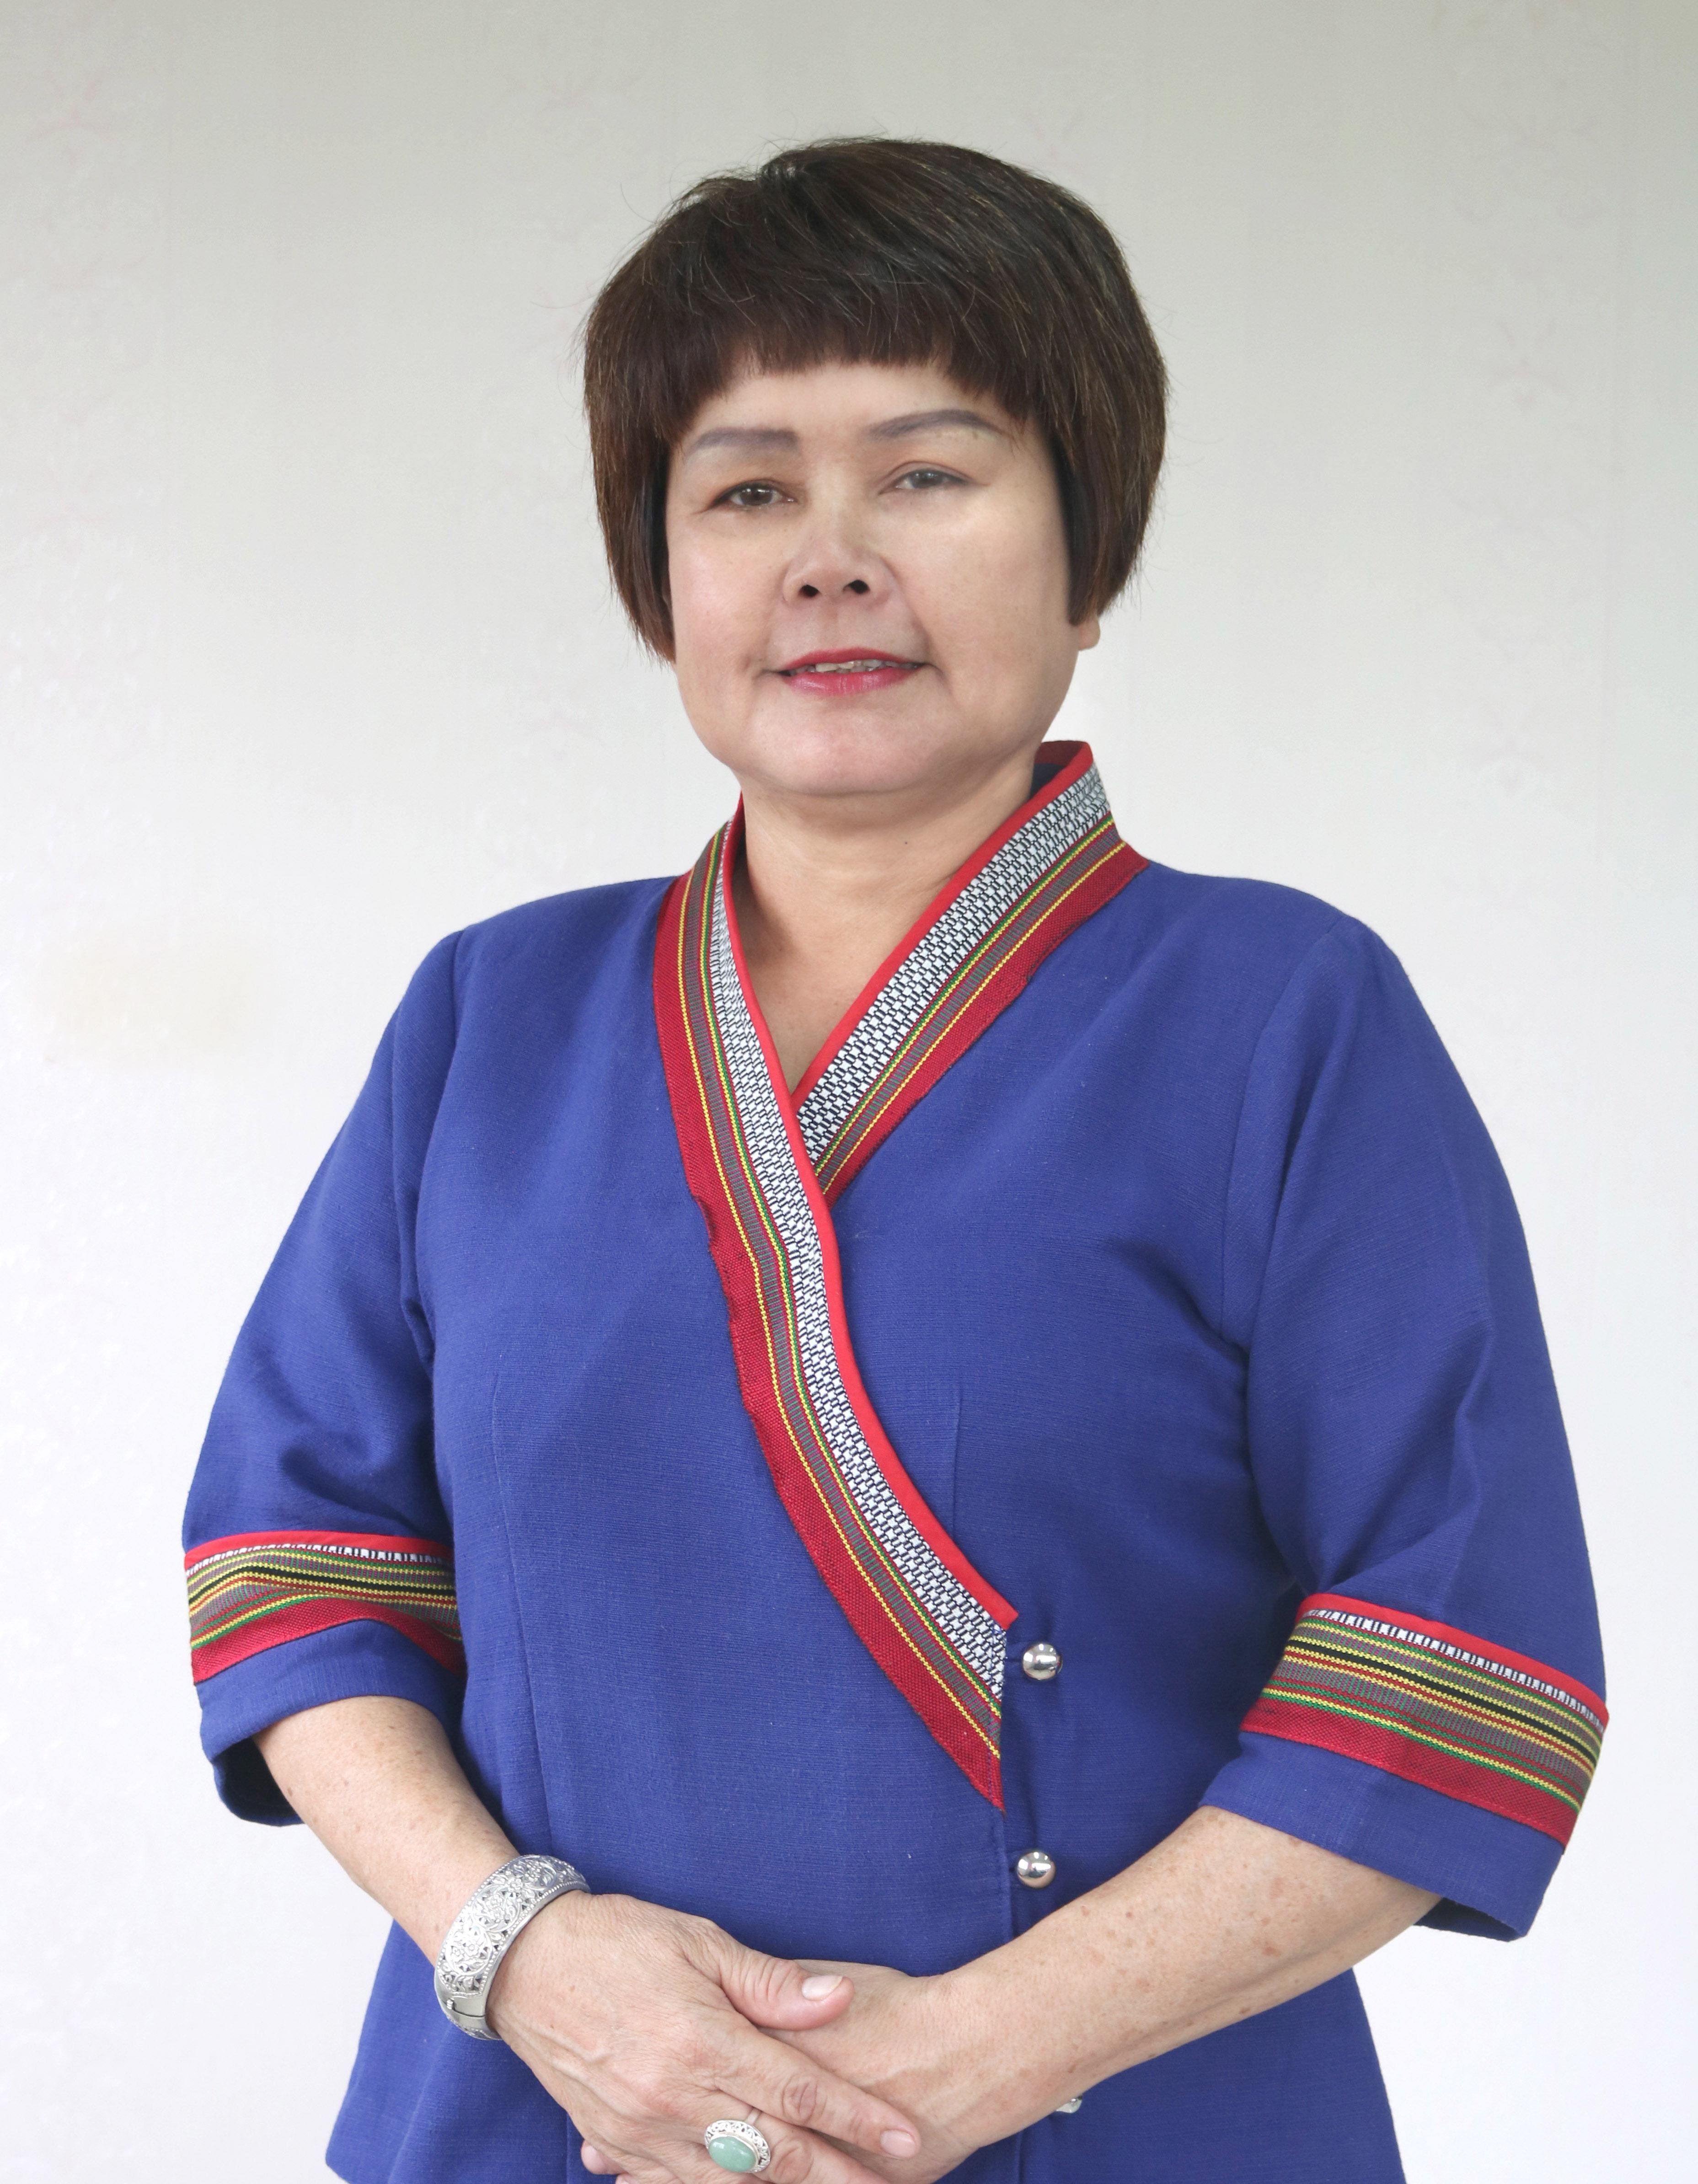 Miss Sunanta Thinaboon